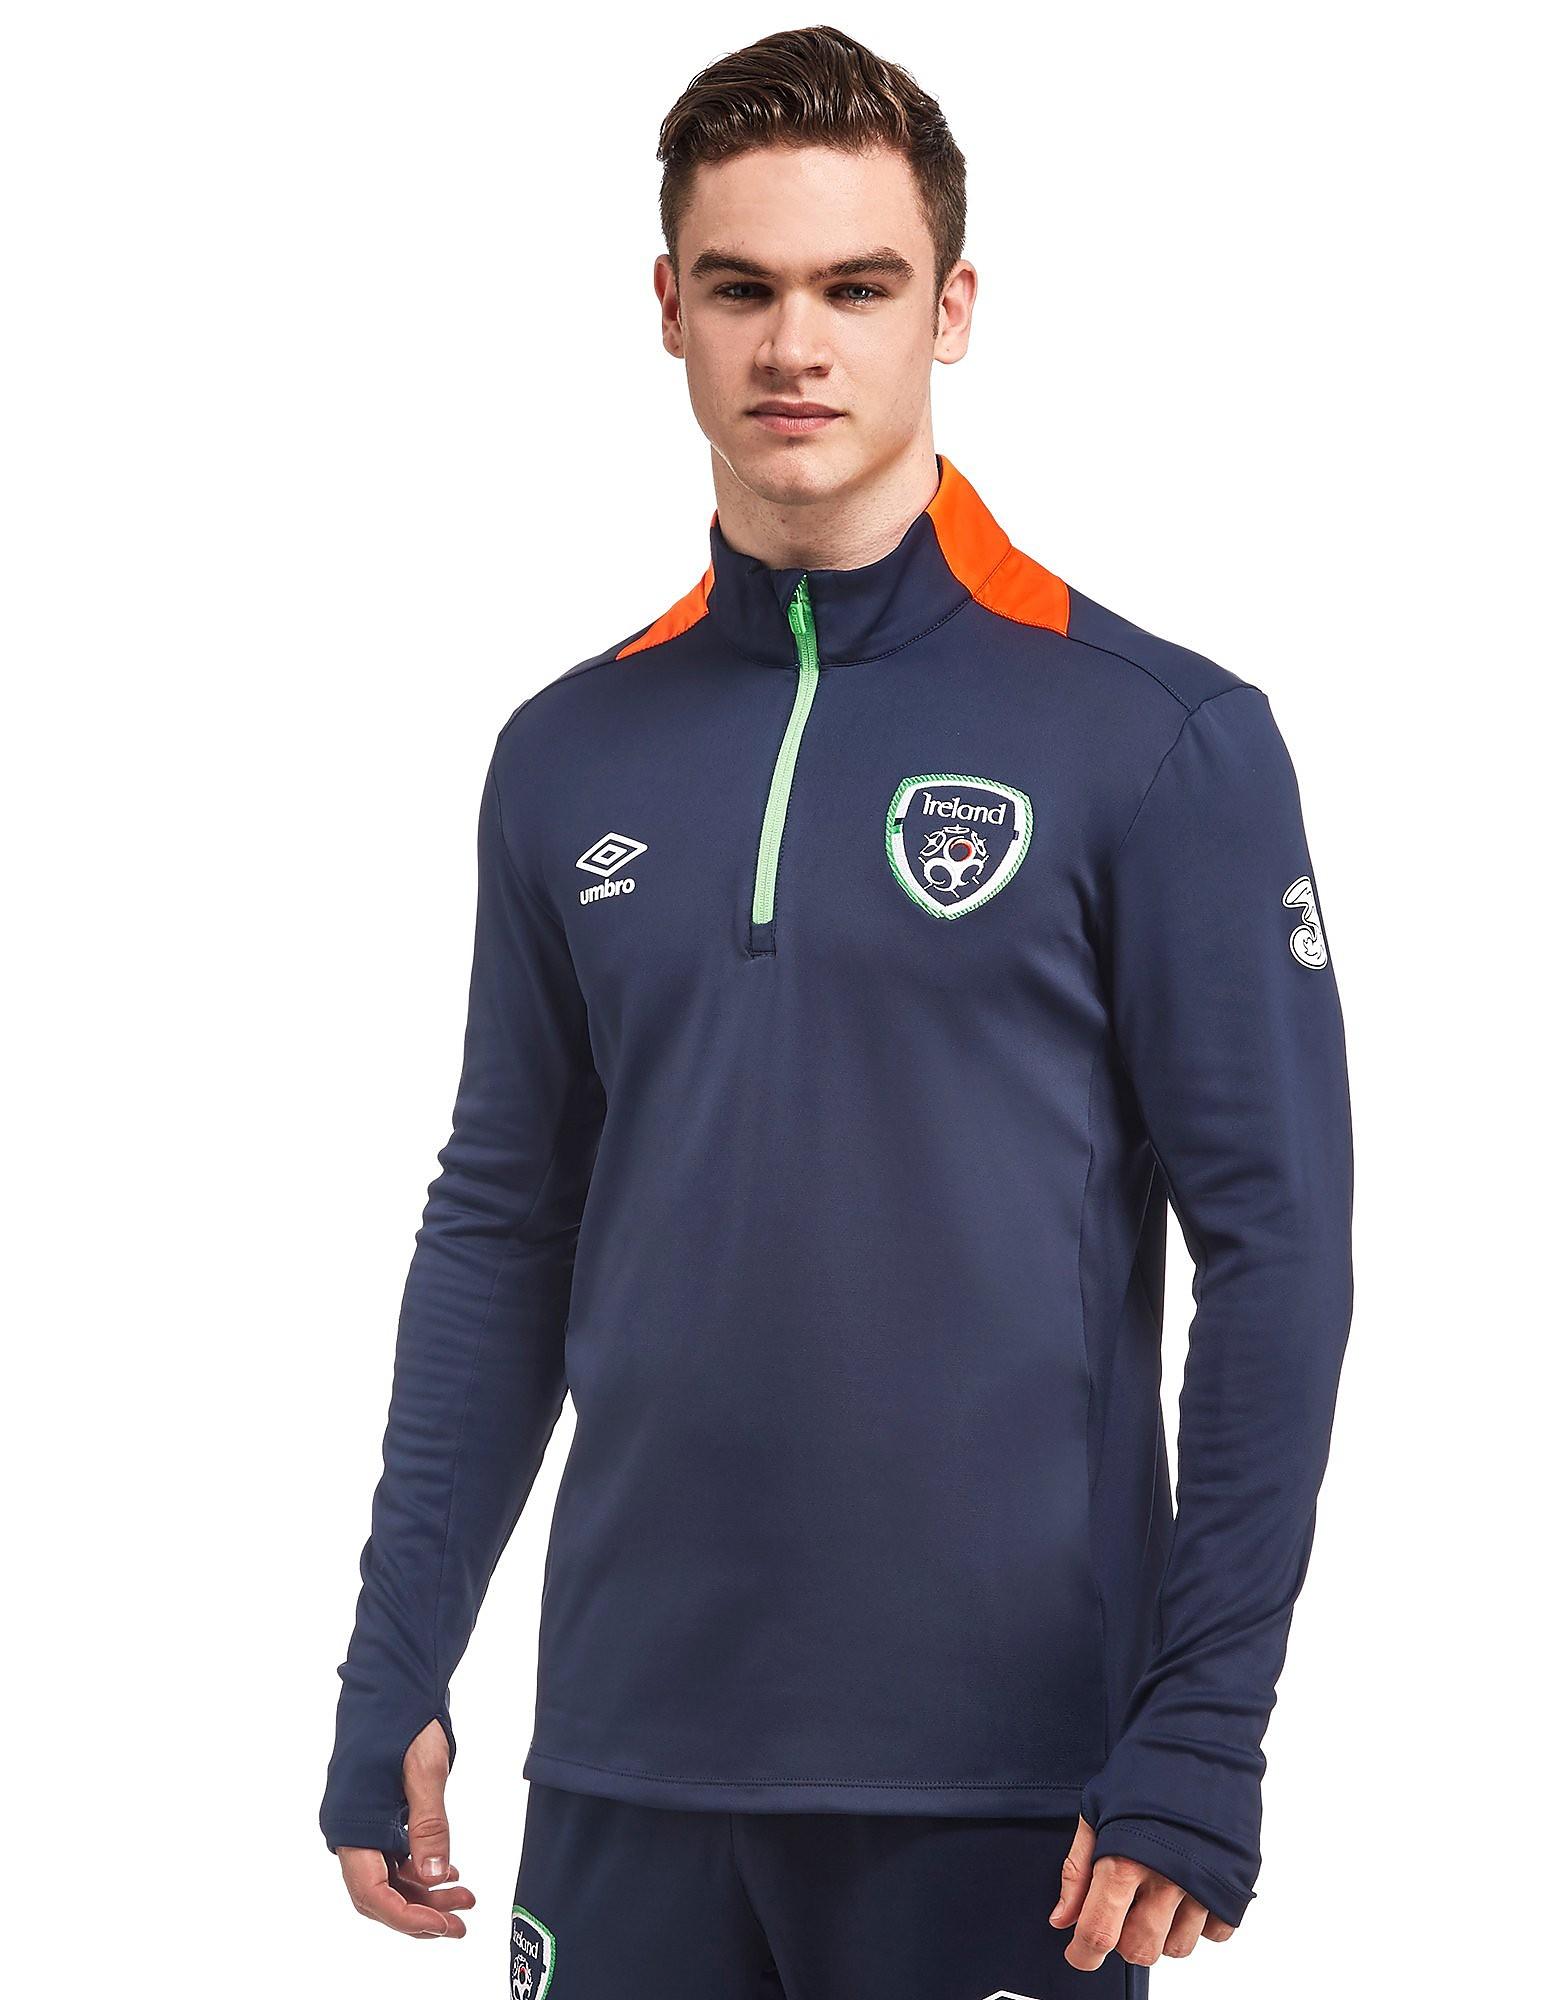 Umbro Republic of Ireland 1/2 Zip Top